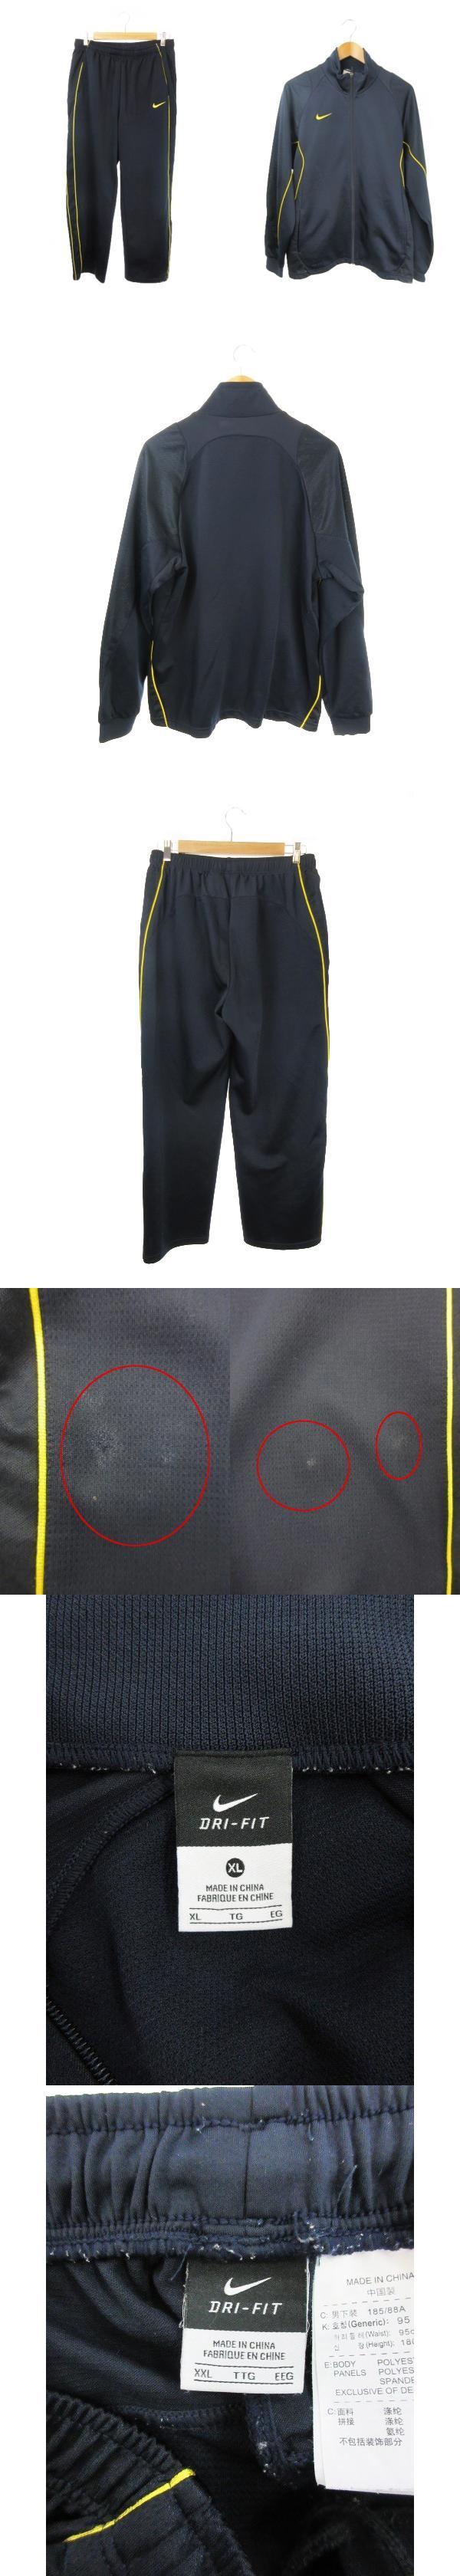 セットアップ ジャージ 上下 スポーツ ジャケット パンツ フルジップ ロゴ DRI-FIT XL/XXL 紺 ネイビー /KI1